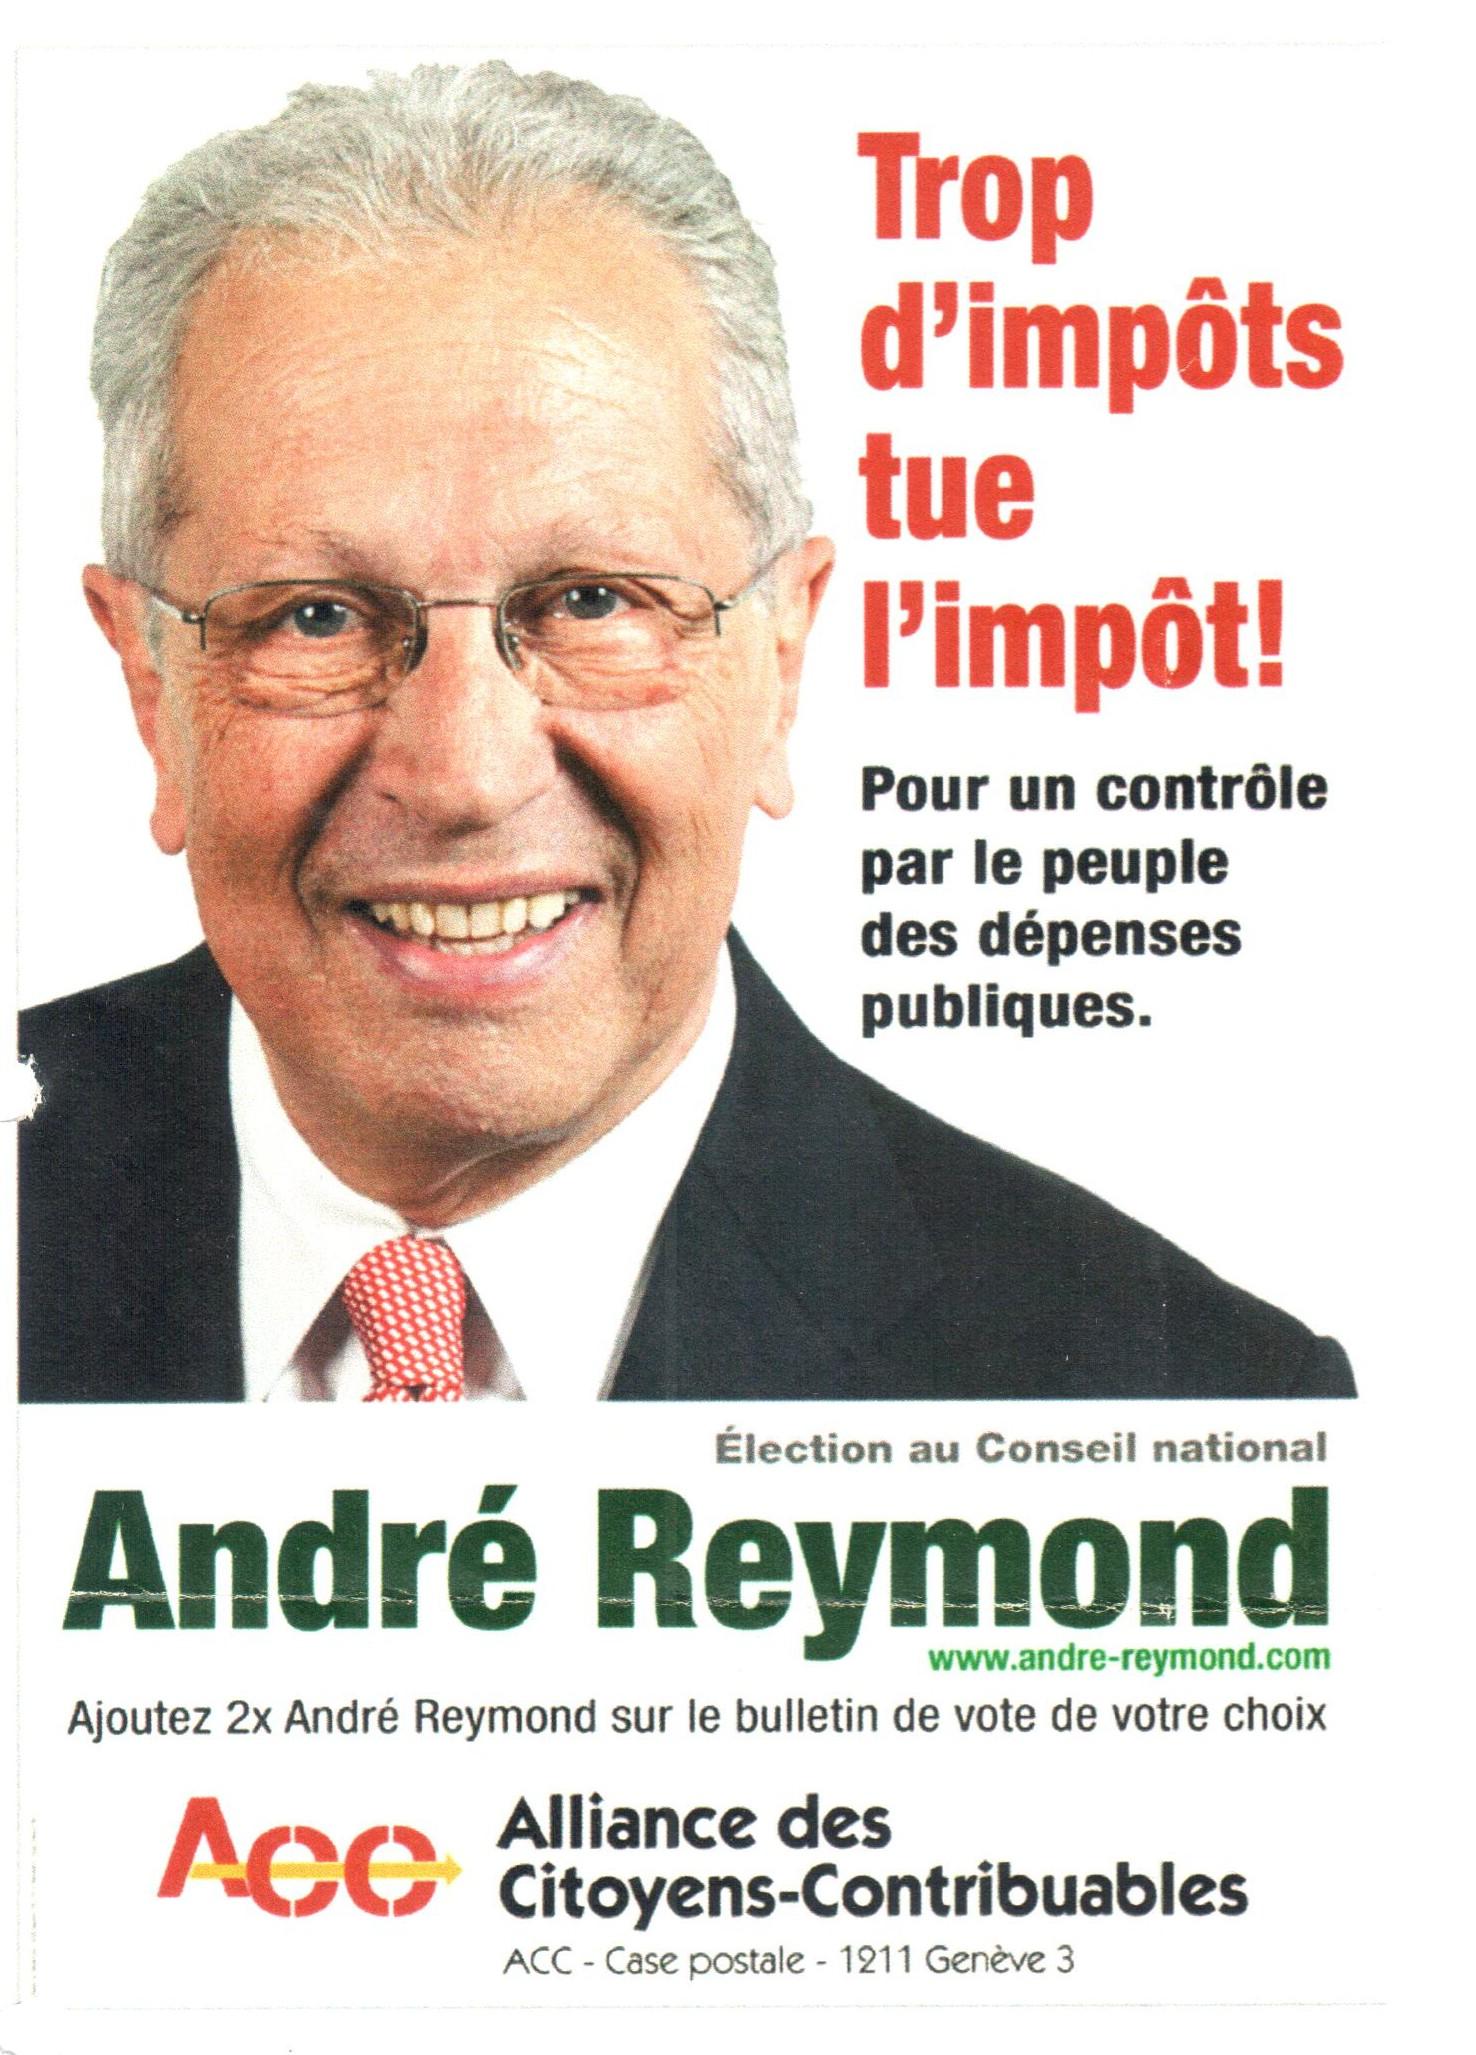 Alliance des citoyens-contribuables septembre 2011